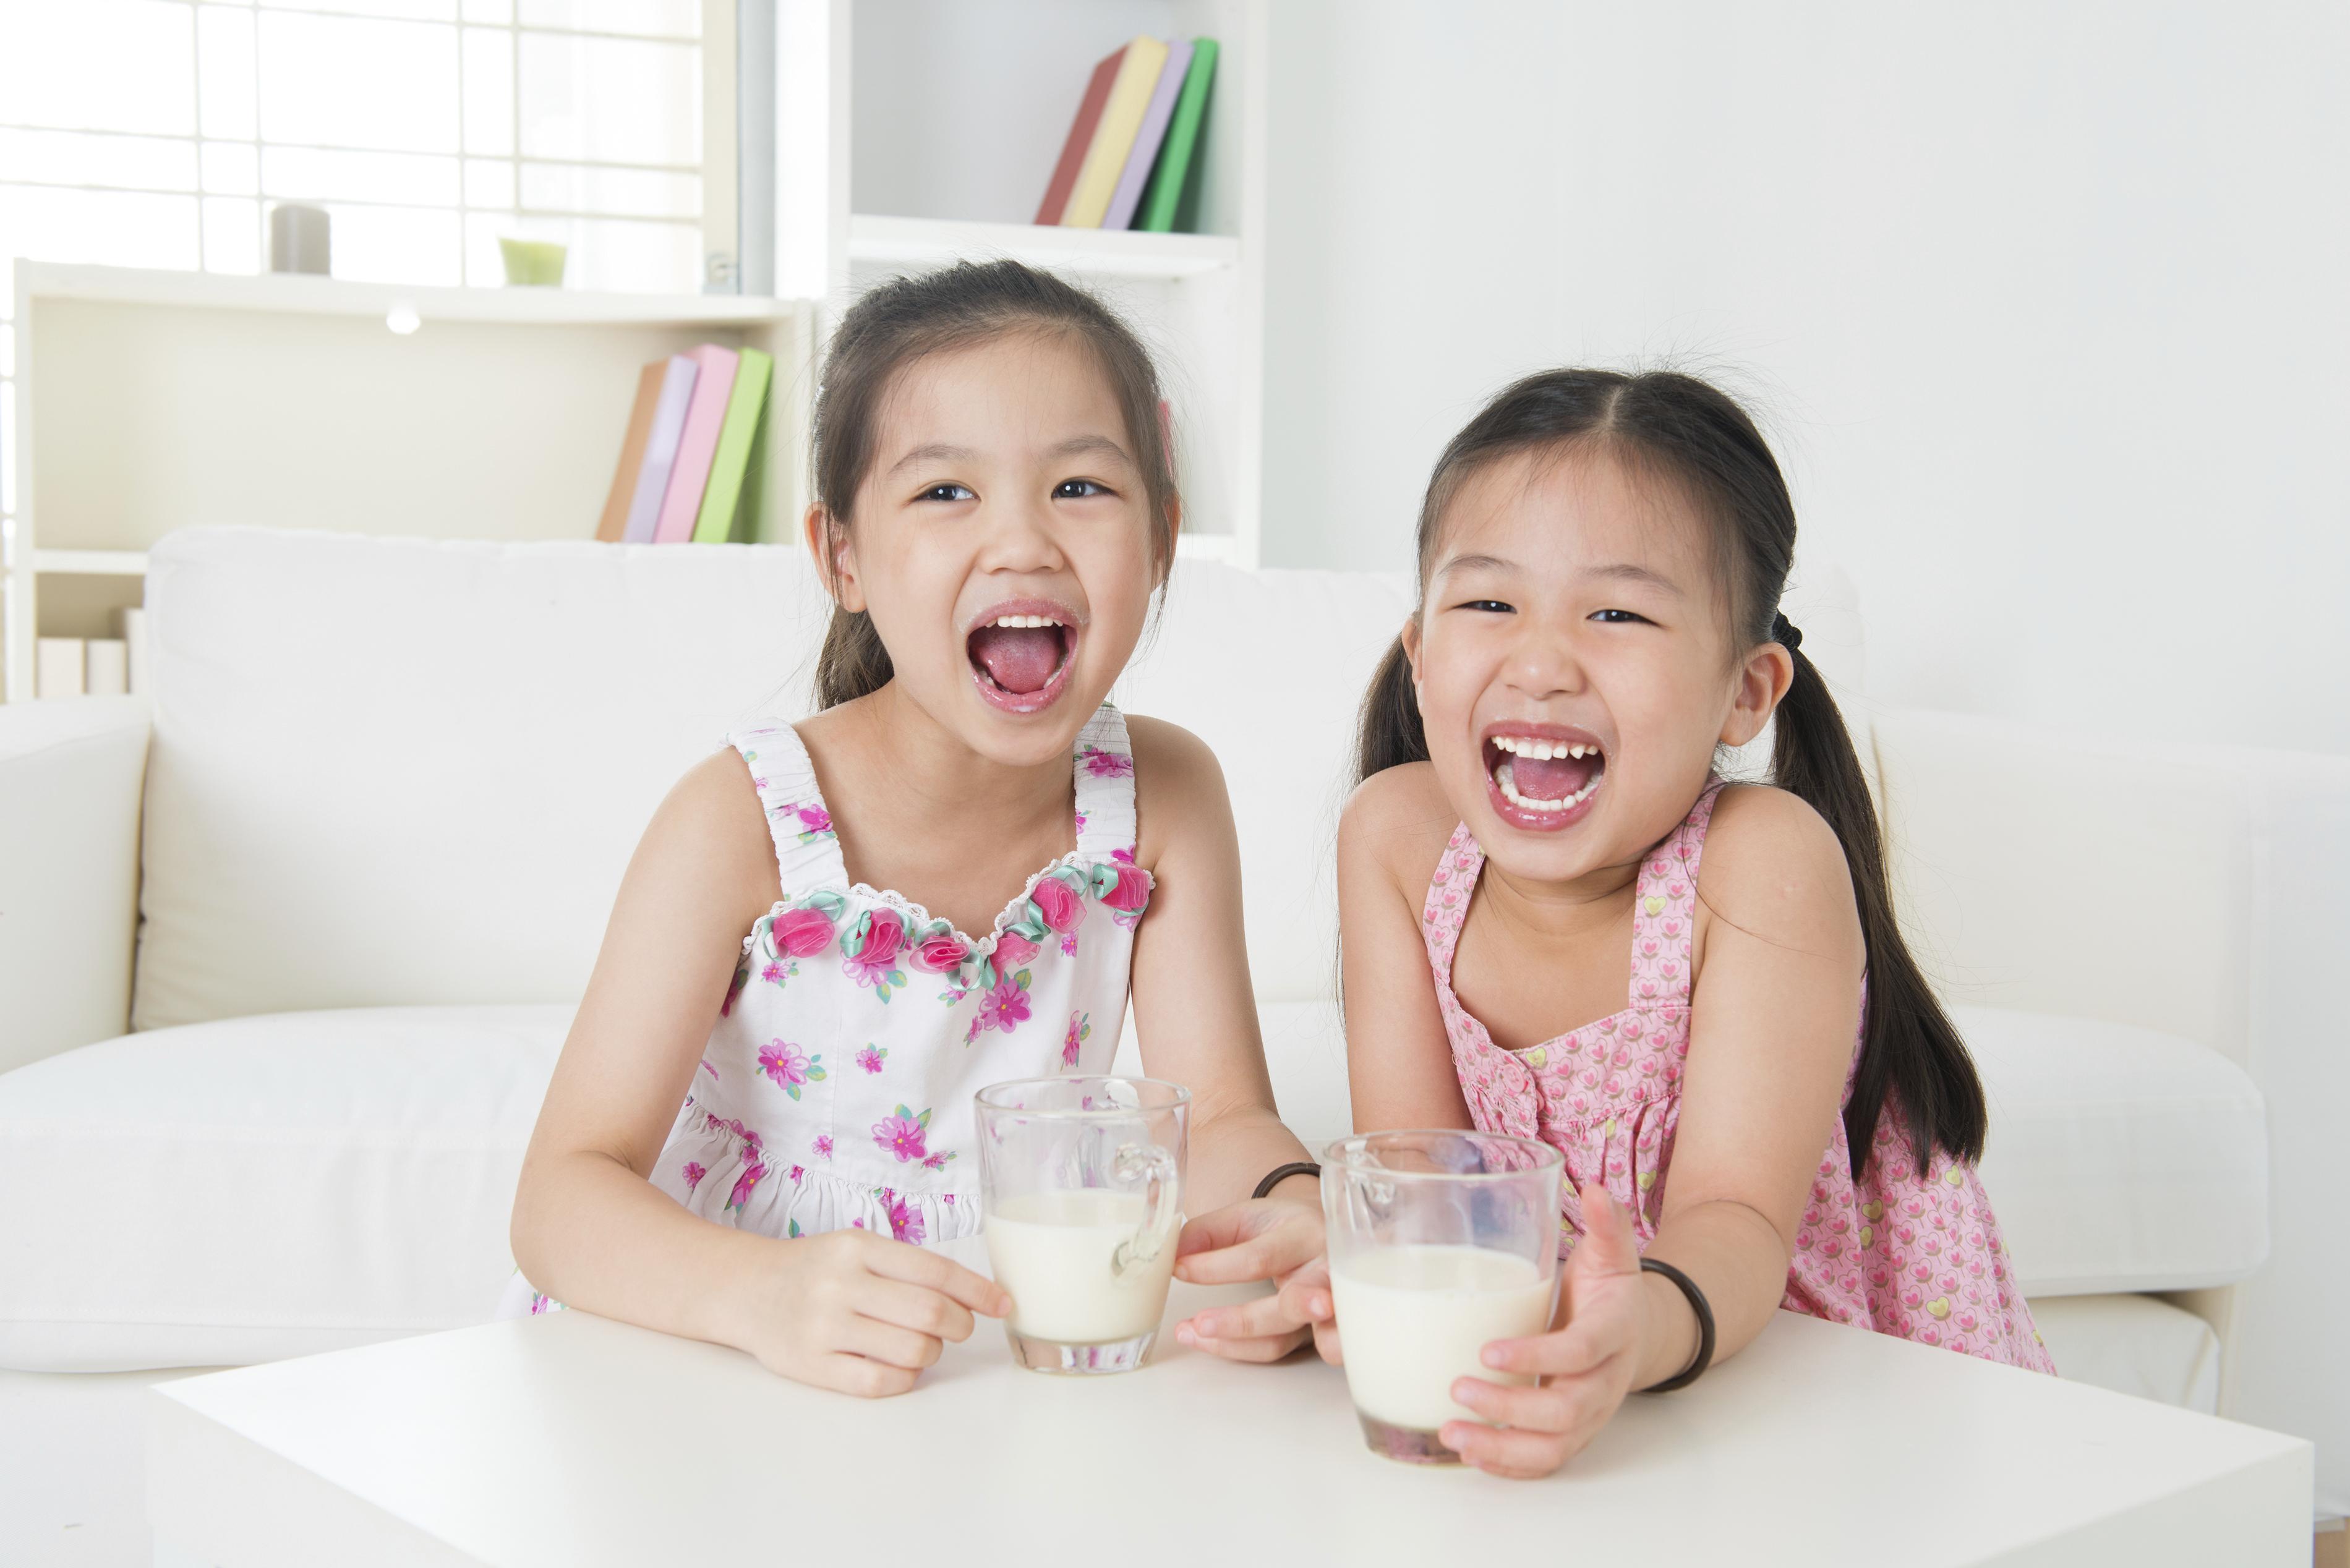 nên cho trẻ uống sữa gì để tăng cân